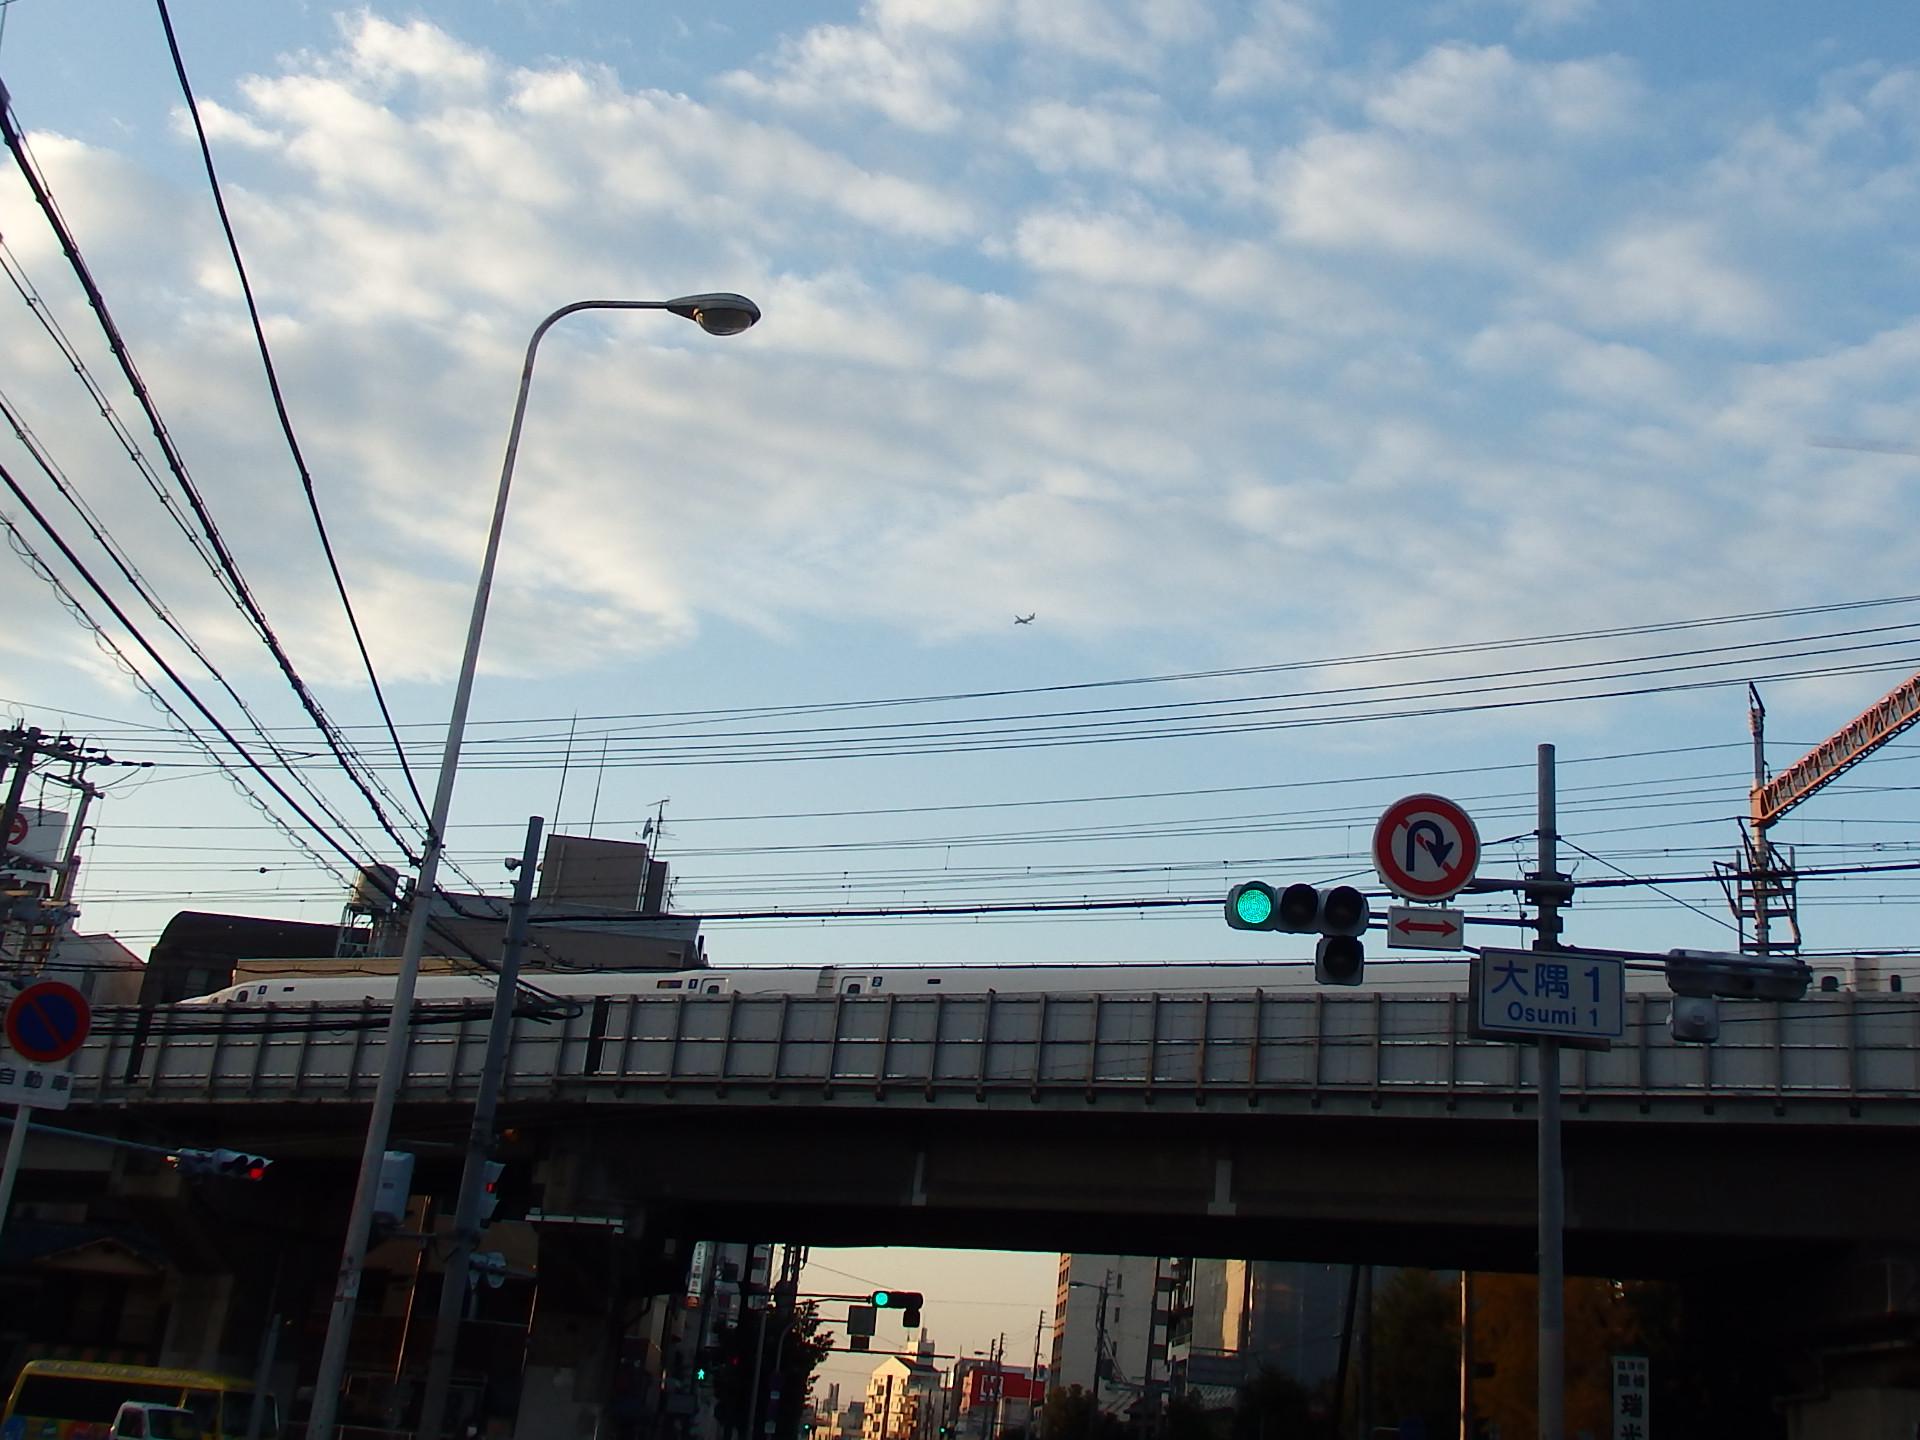 空と鉄道の融合です。